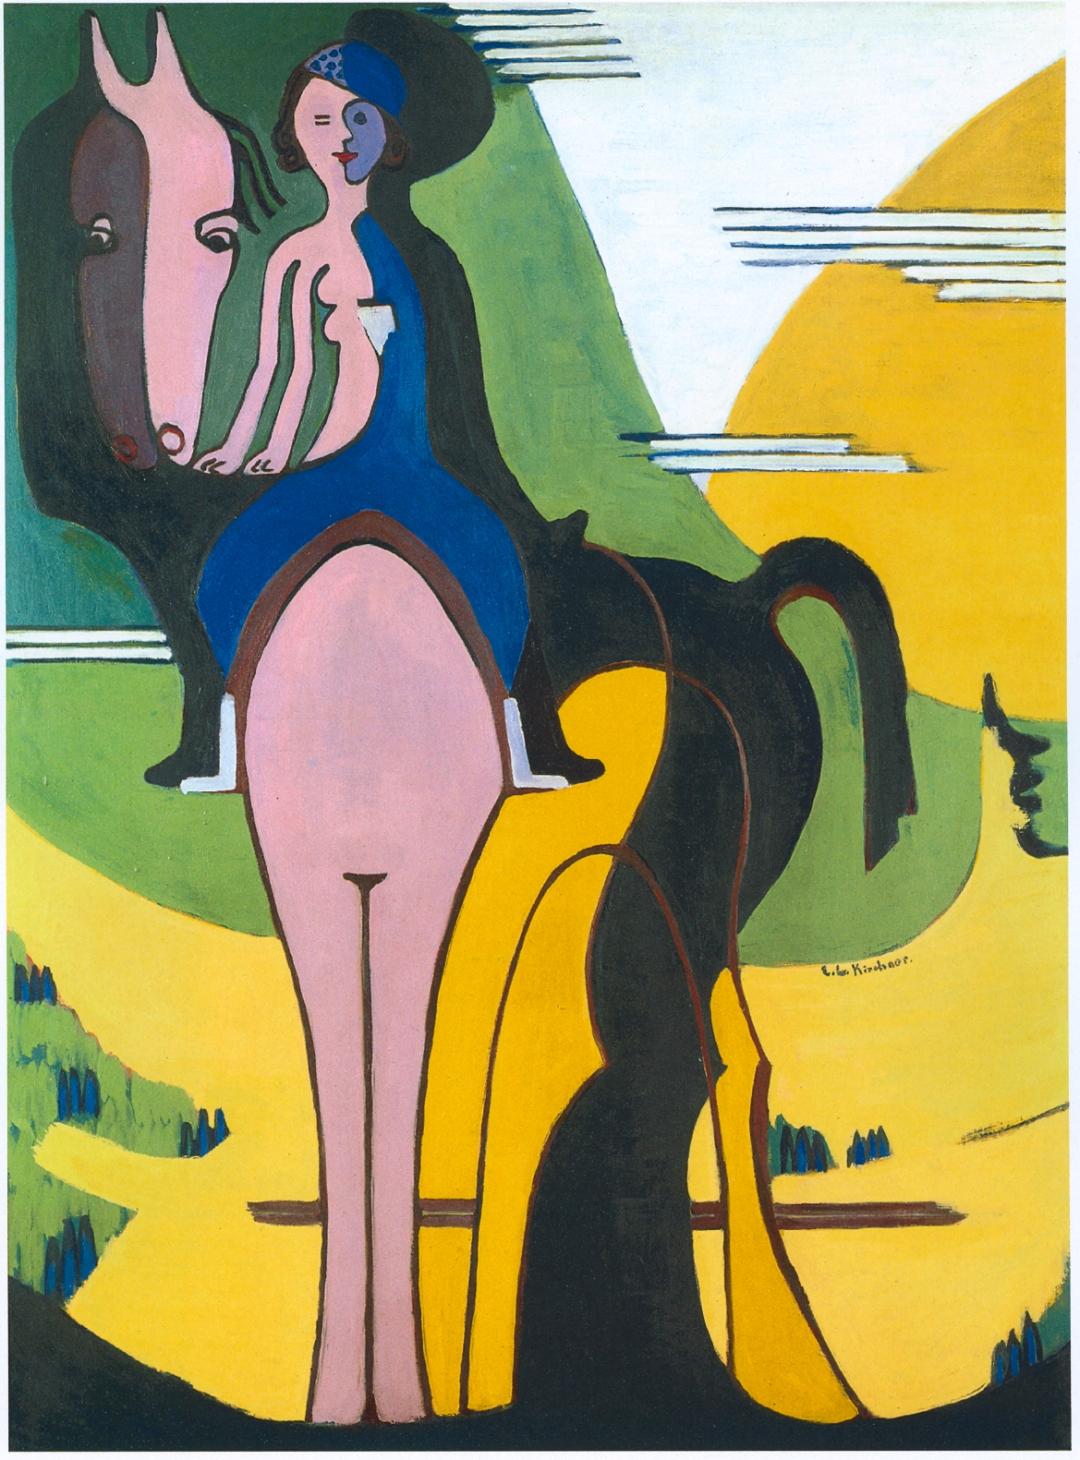 Ernst Ludwig Kirchner - Female Rider [1931-32]